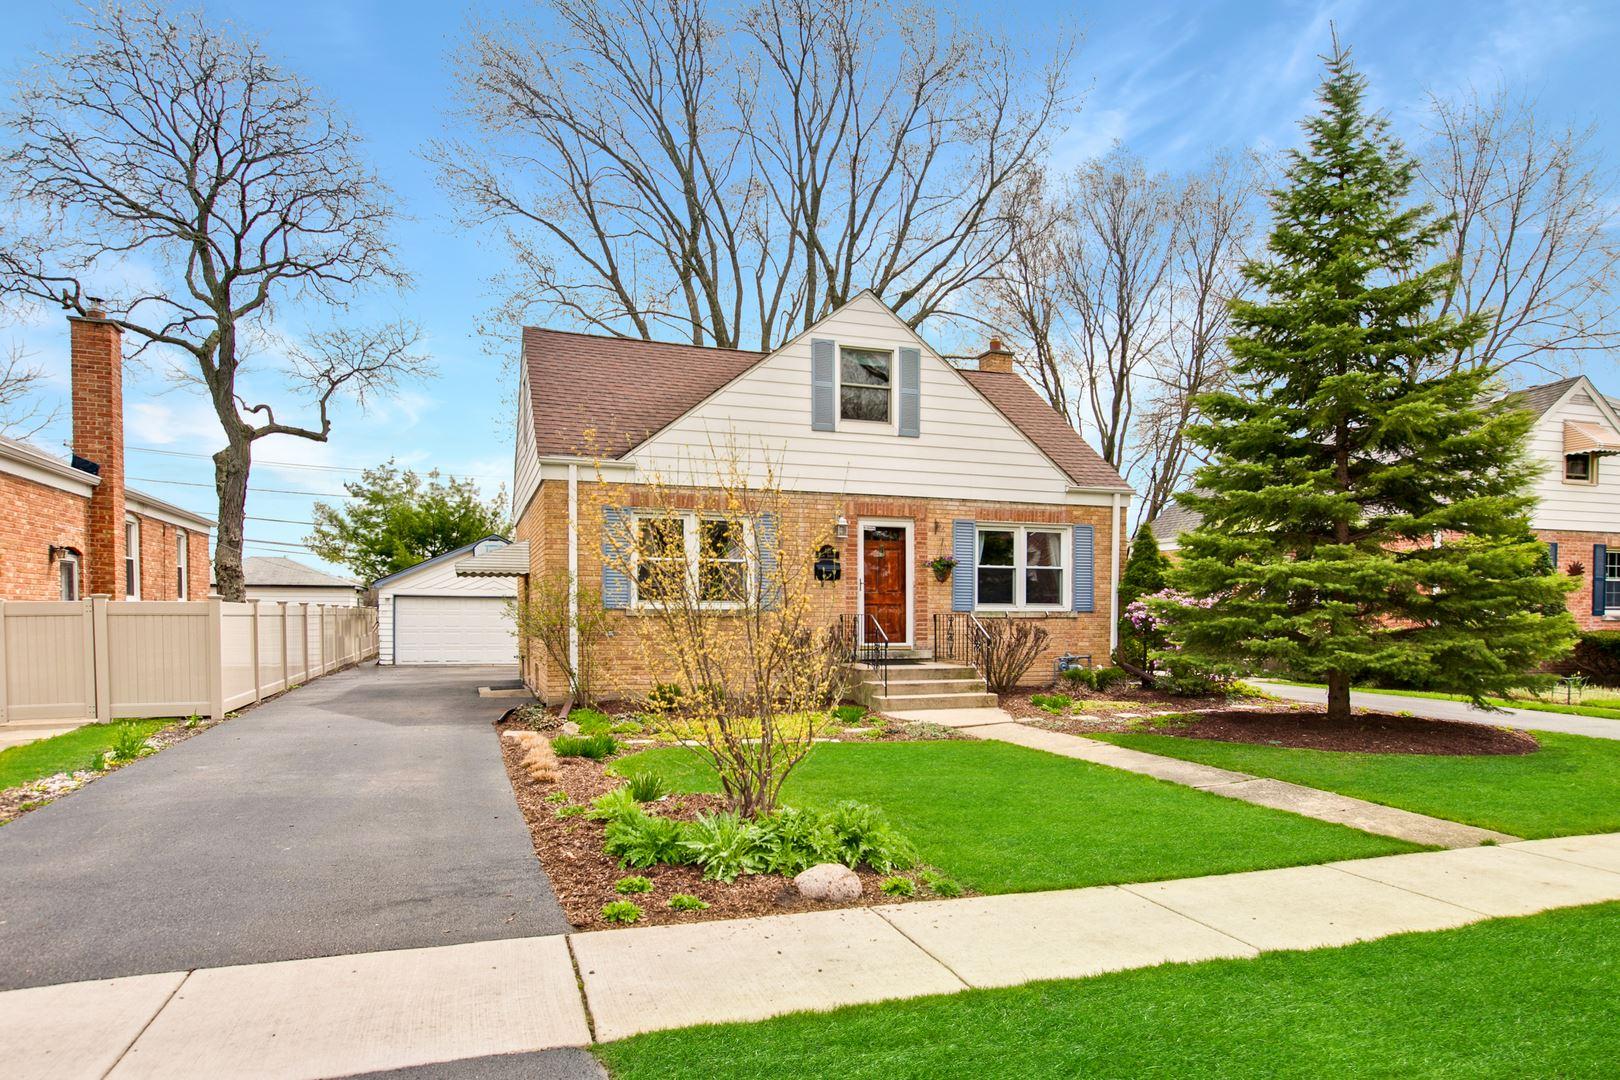 421 N Elm Street, Mount Prospect, IL 60056 - #: 10701571